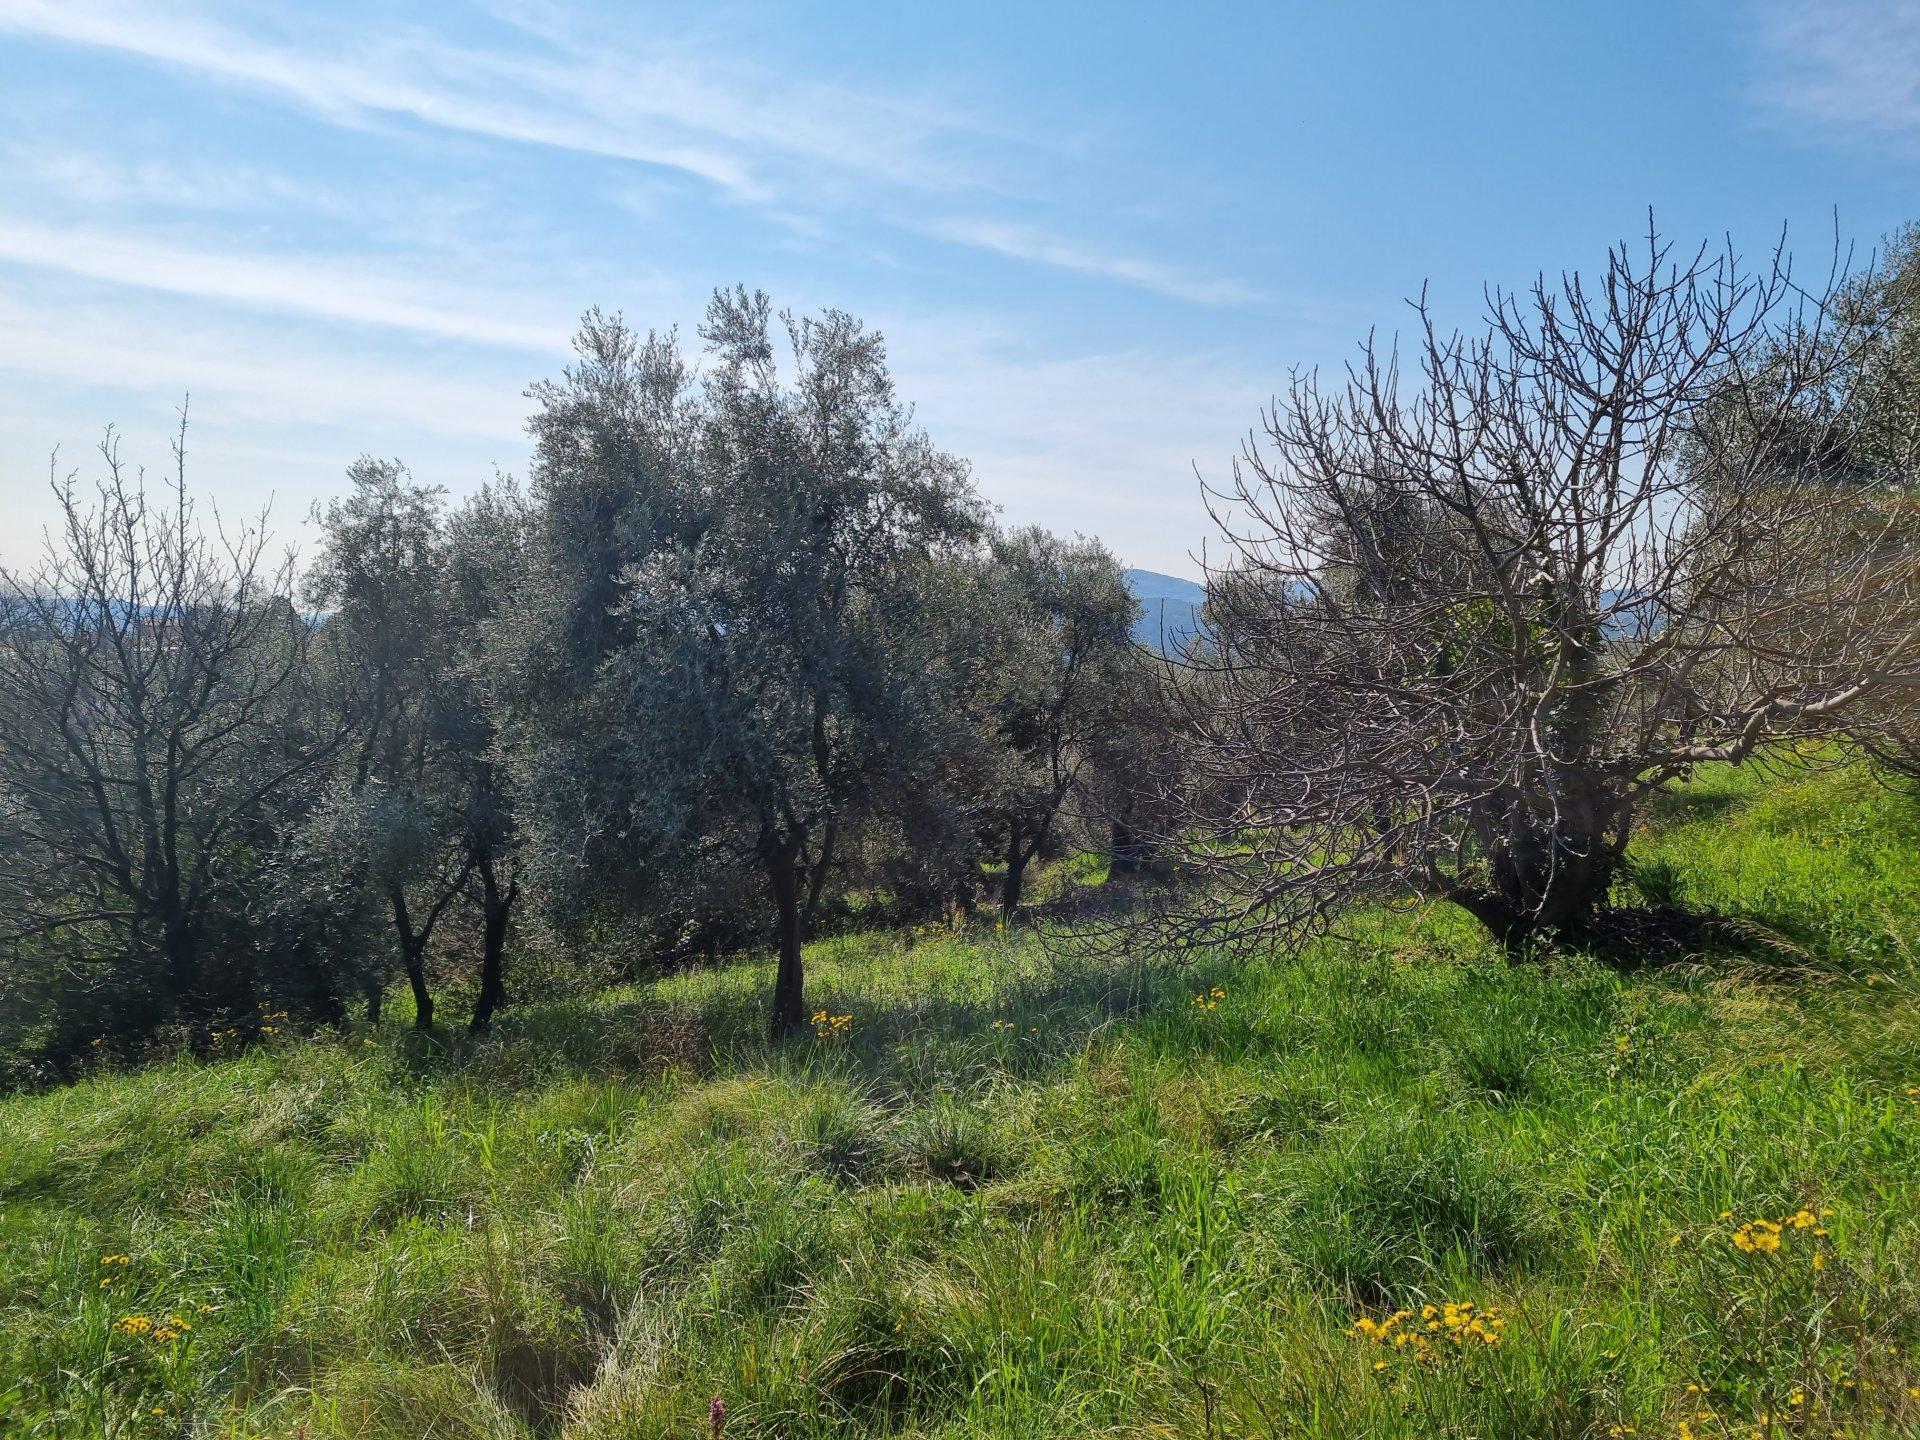 Vente terrain calme, vue dégagée à Grasse Saint Jacques